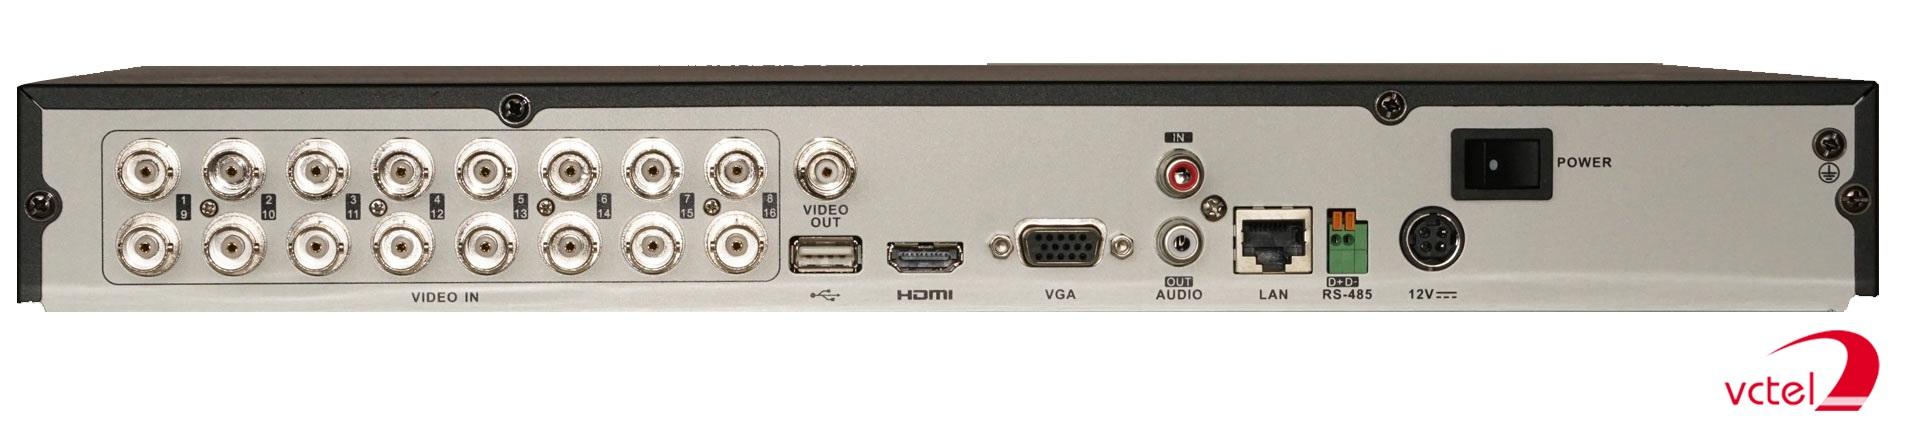 Đầu ghi 16 kênh Hikvision DS-7216HGHI-F1/N bảo hành 12 tháng vctel